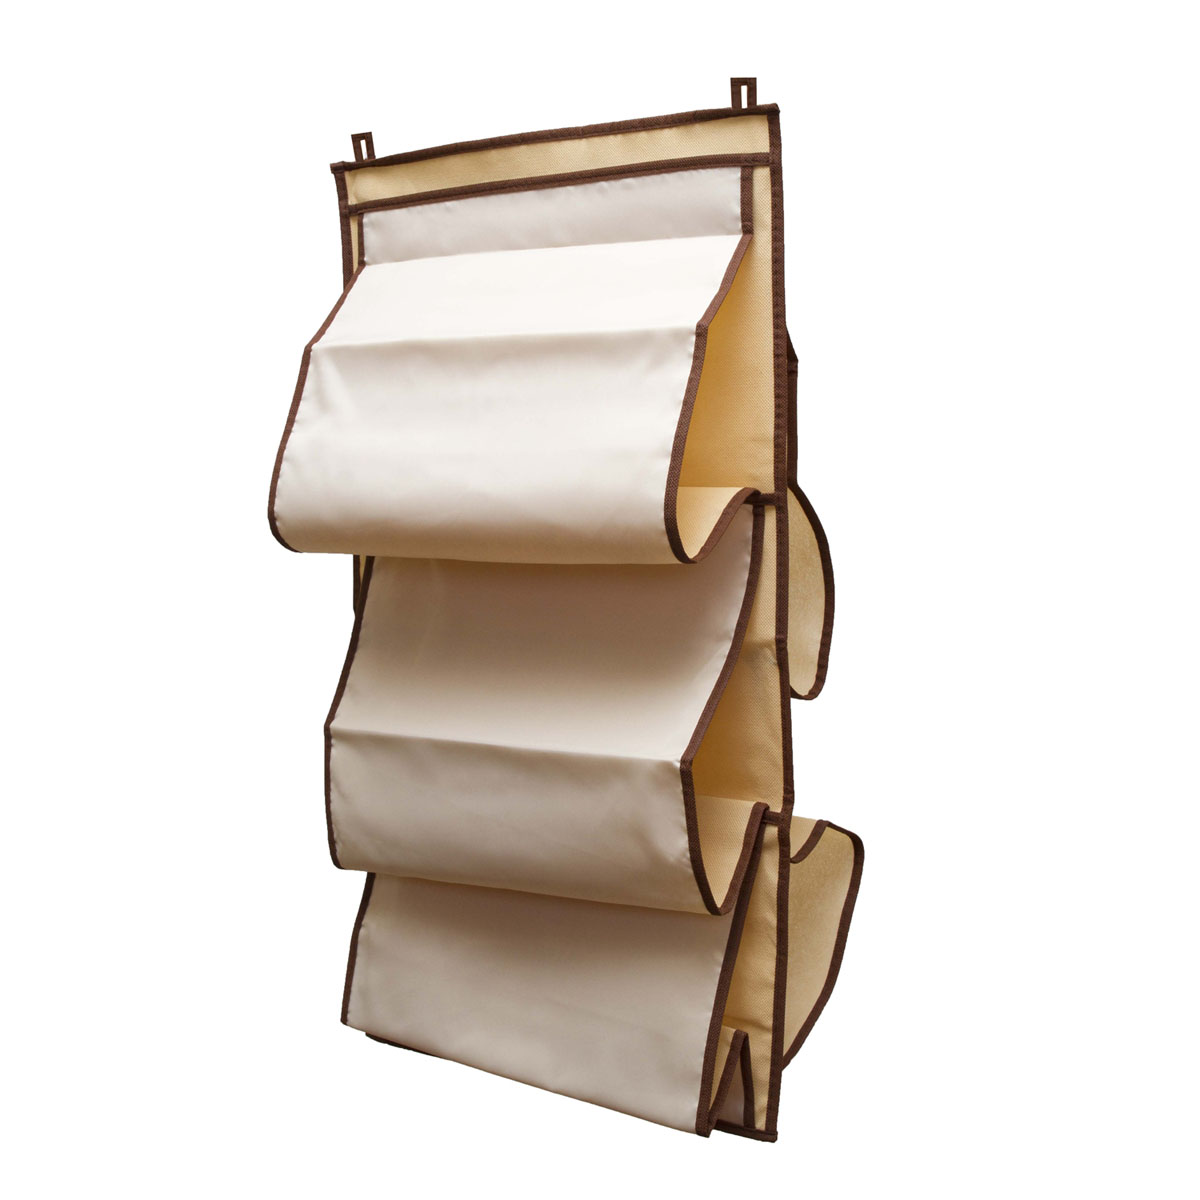 Органайзер для сумок Homsu Bora-Bora, 5 отделений, 40 х 70 смHOM-24Органайзер для хранения сумок Homsu Bora-Bora изготовлен из полиэстера. Изделие имеет 5 отделений, его можно повесить в удобное место за крючки. Такой компактный и удобный в каждодневном использовании аксессуар, как этот органайзер, размещающийся в пространстве шкафа, на плоскости стены или дверей.Практичный и удобный органайзер для хранения сумок.Размер чехла: 40 х 70 см.